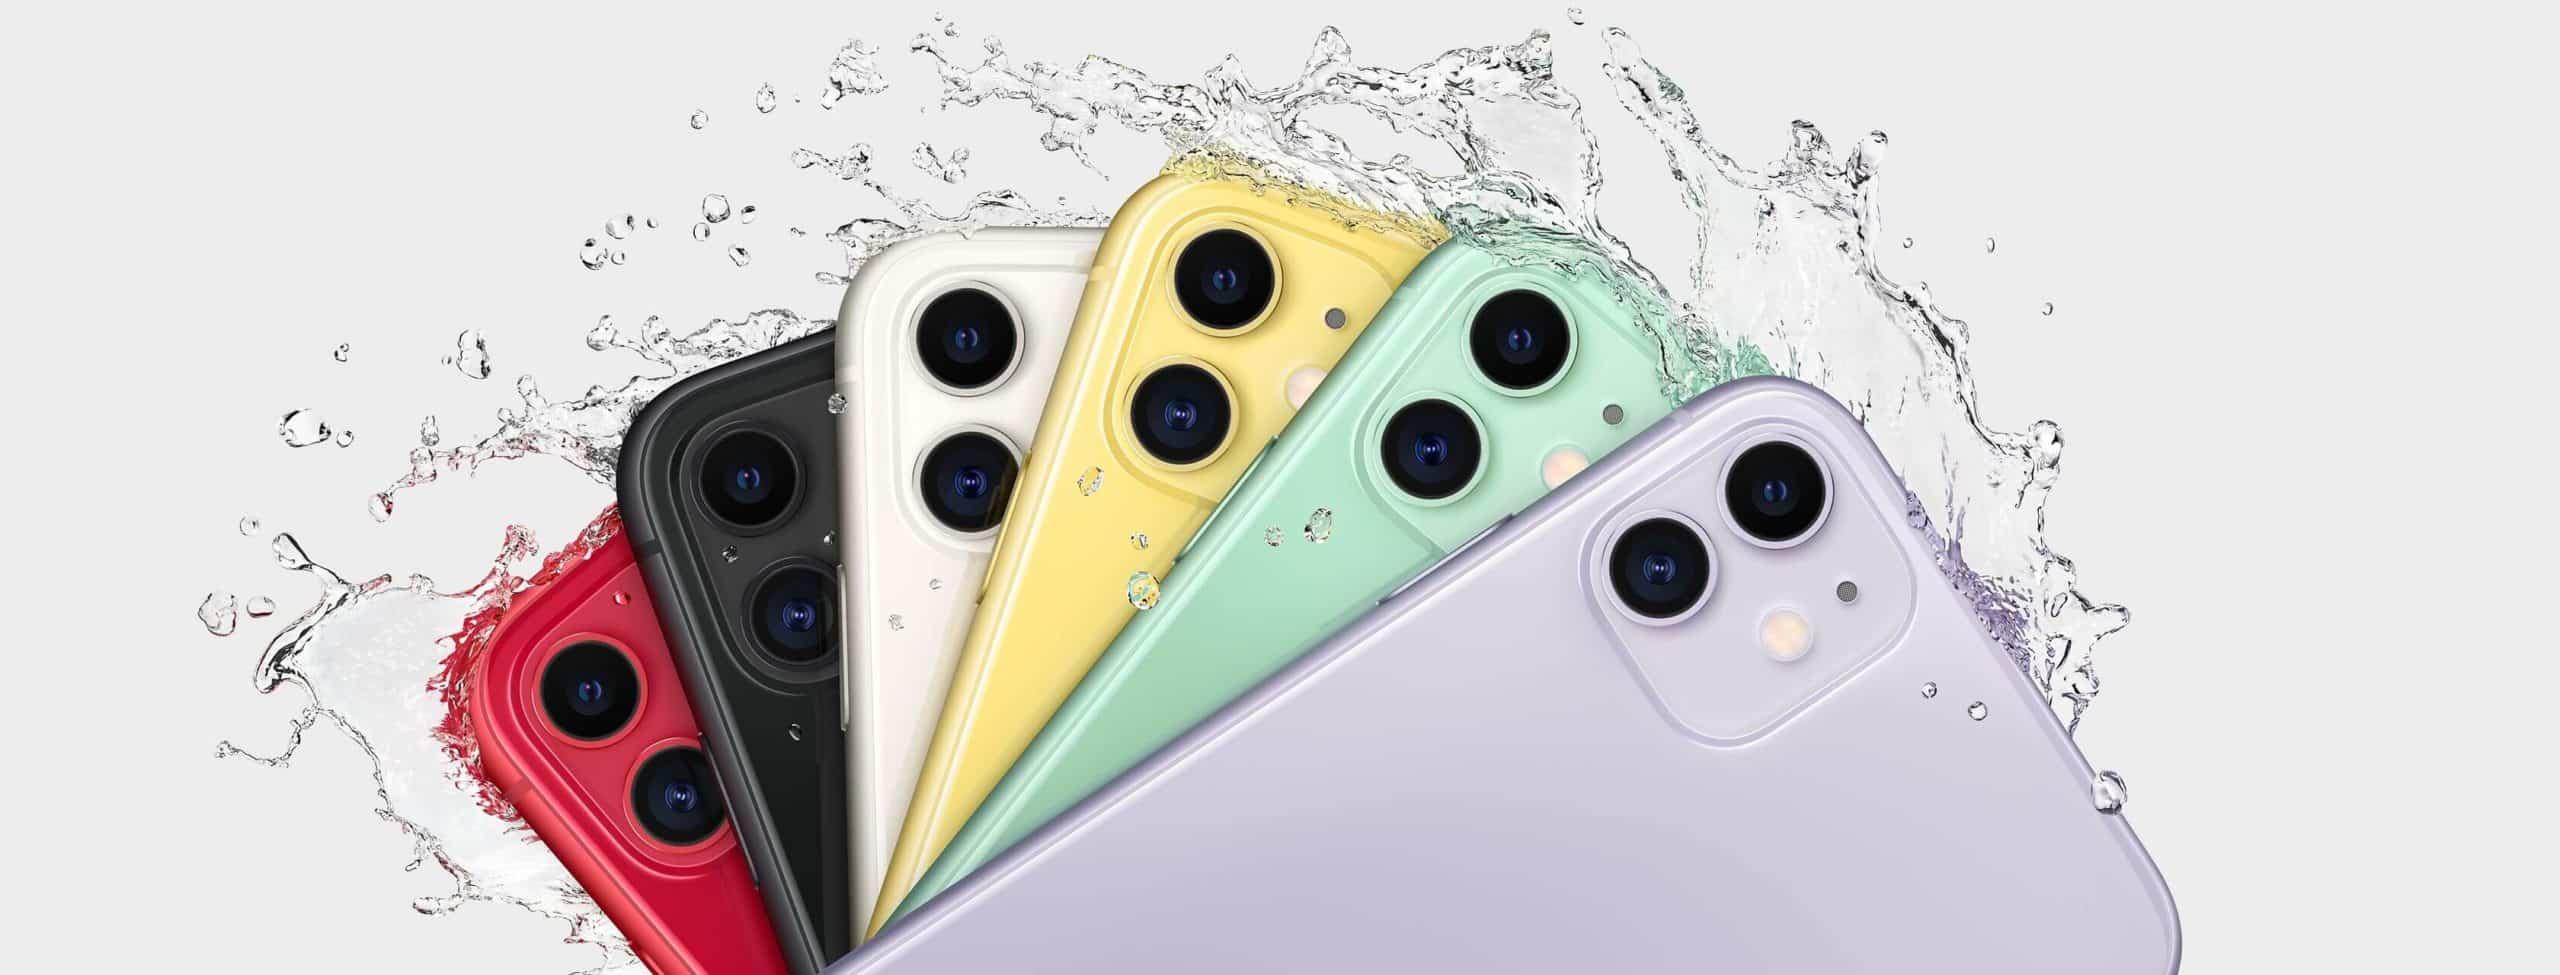 iPhone 11 / Pro durchgängig mit vier GB RAM, Apple Watch Series 5-CPU identisch mit Vorgänger-Chip